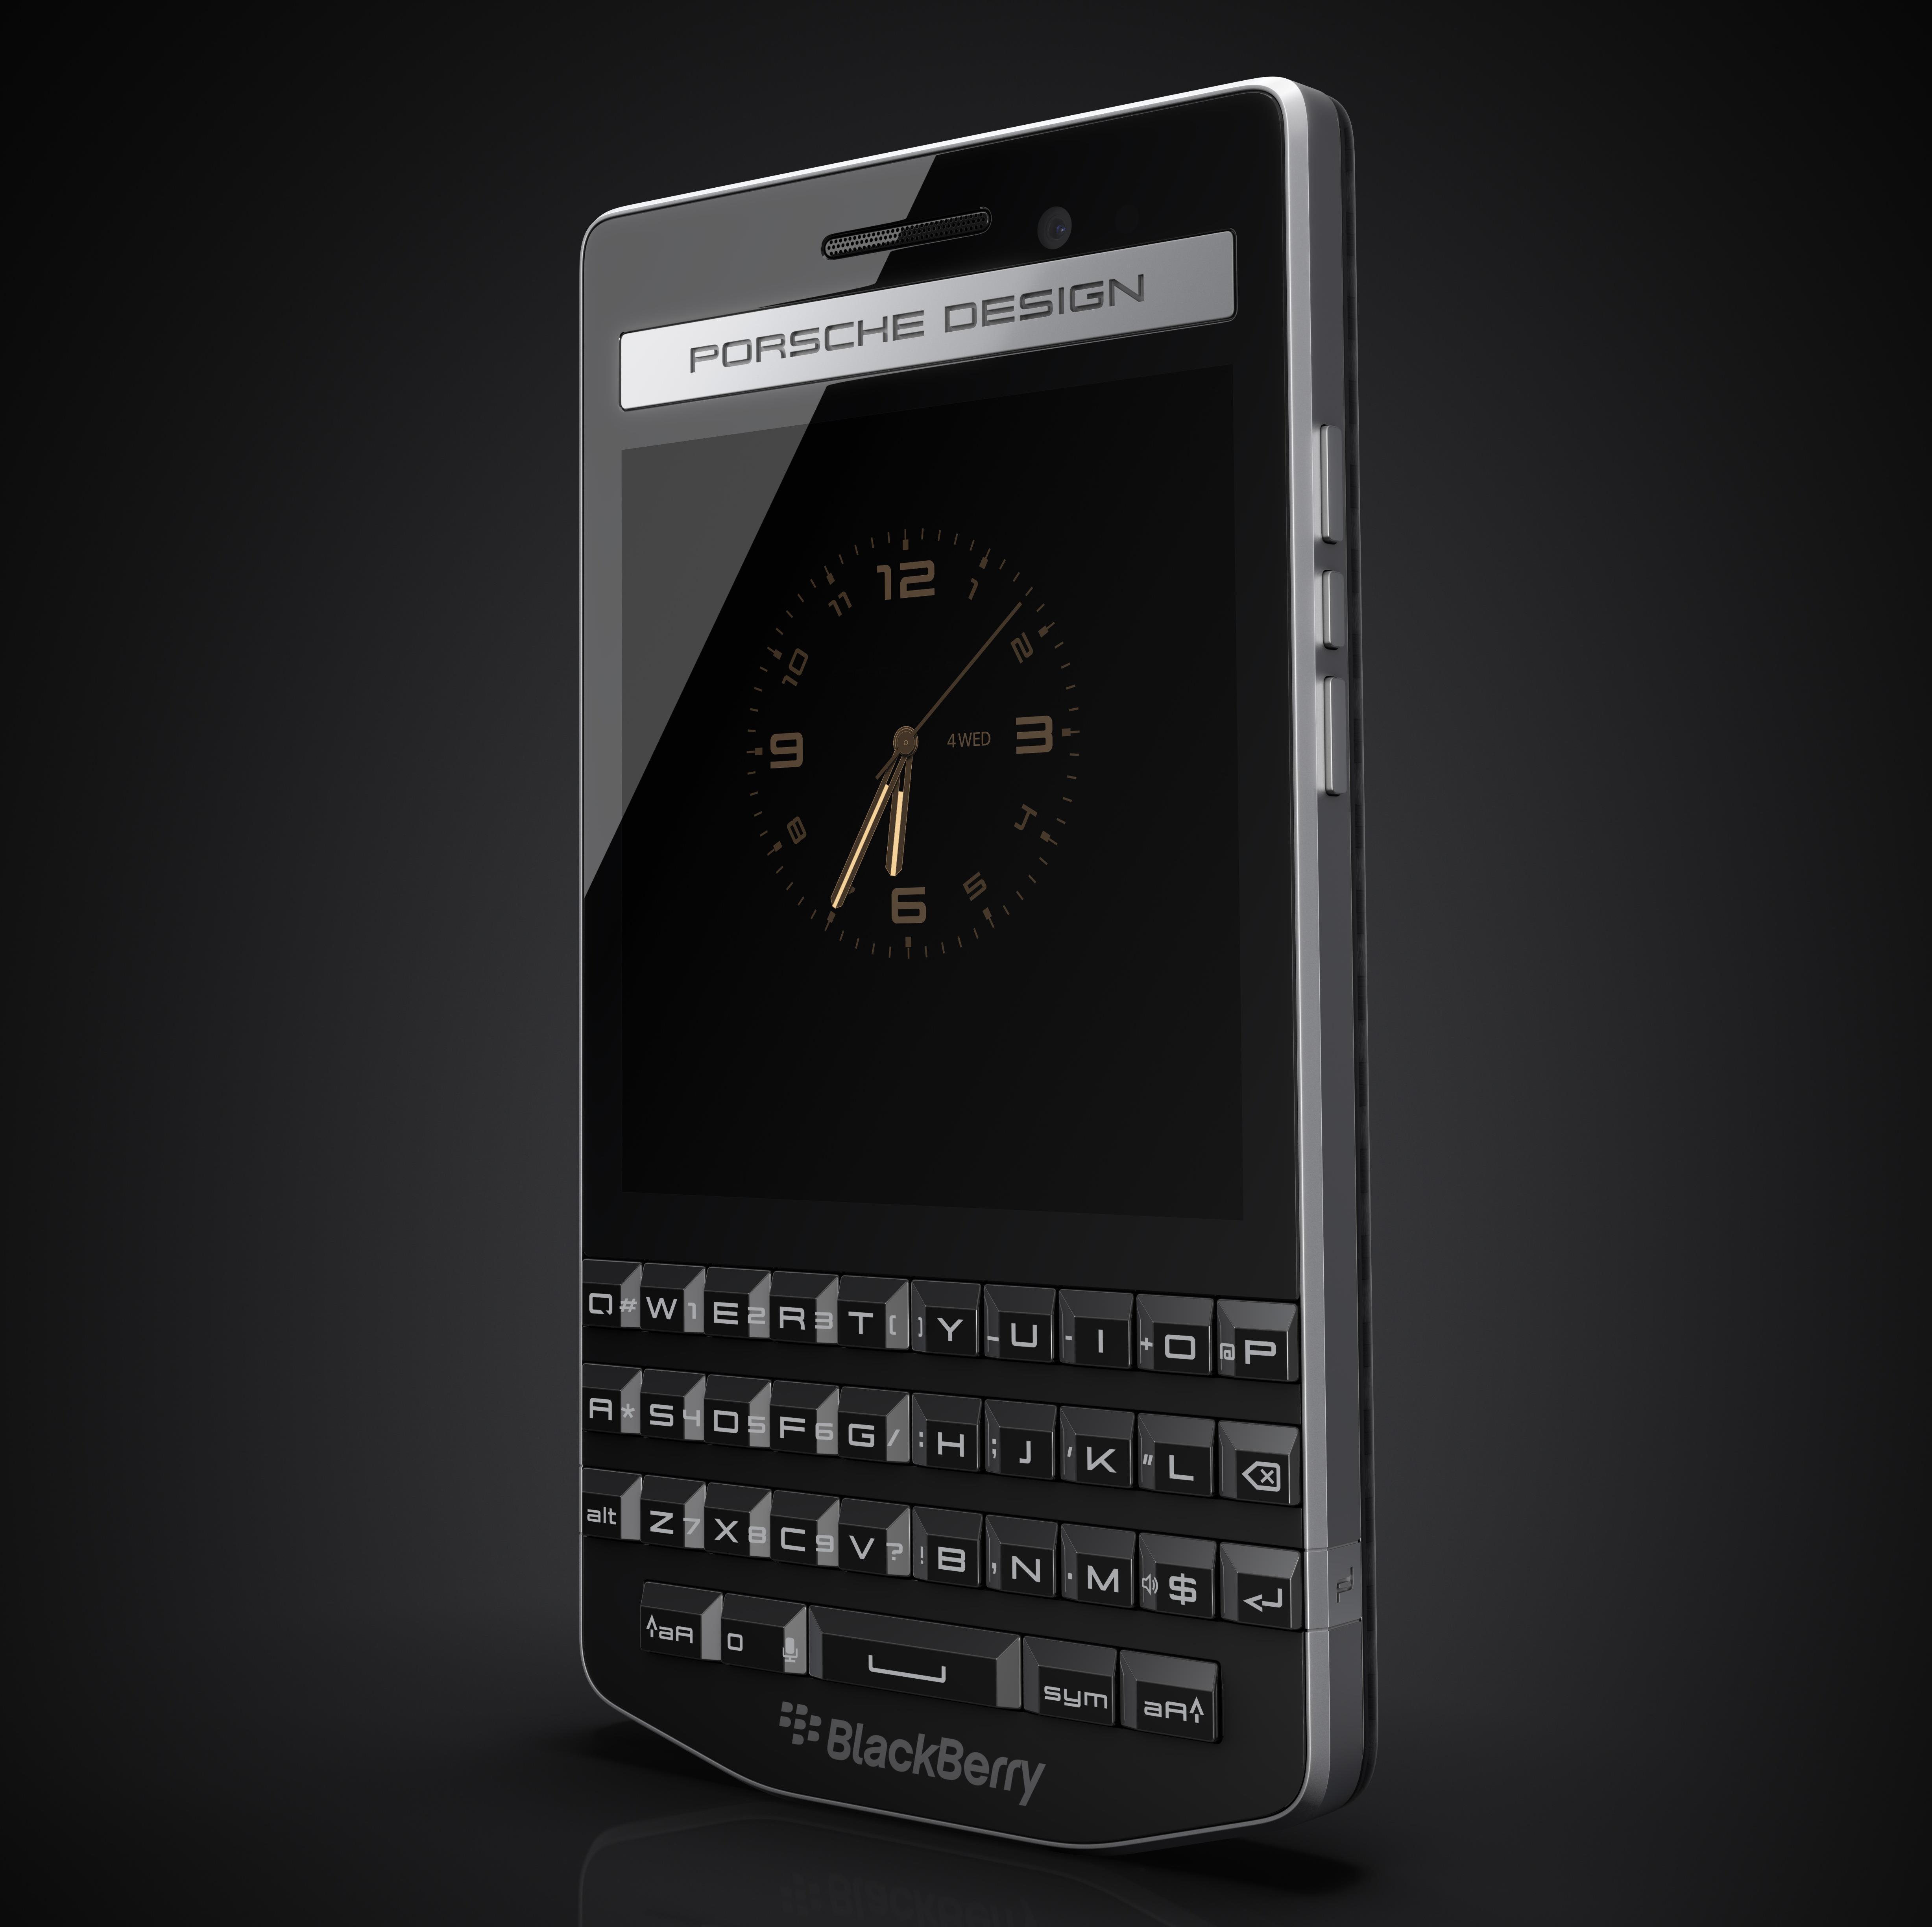 BlackBerry Porsche  P'9983 Abverkauf bei Sparhandy - z.B. im BLAU L (3GB LTE|Allnet|SMS) für 14,99 € / Monat + 5 € Zuzahlung *UPDATE*